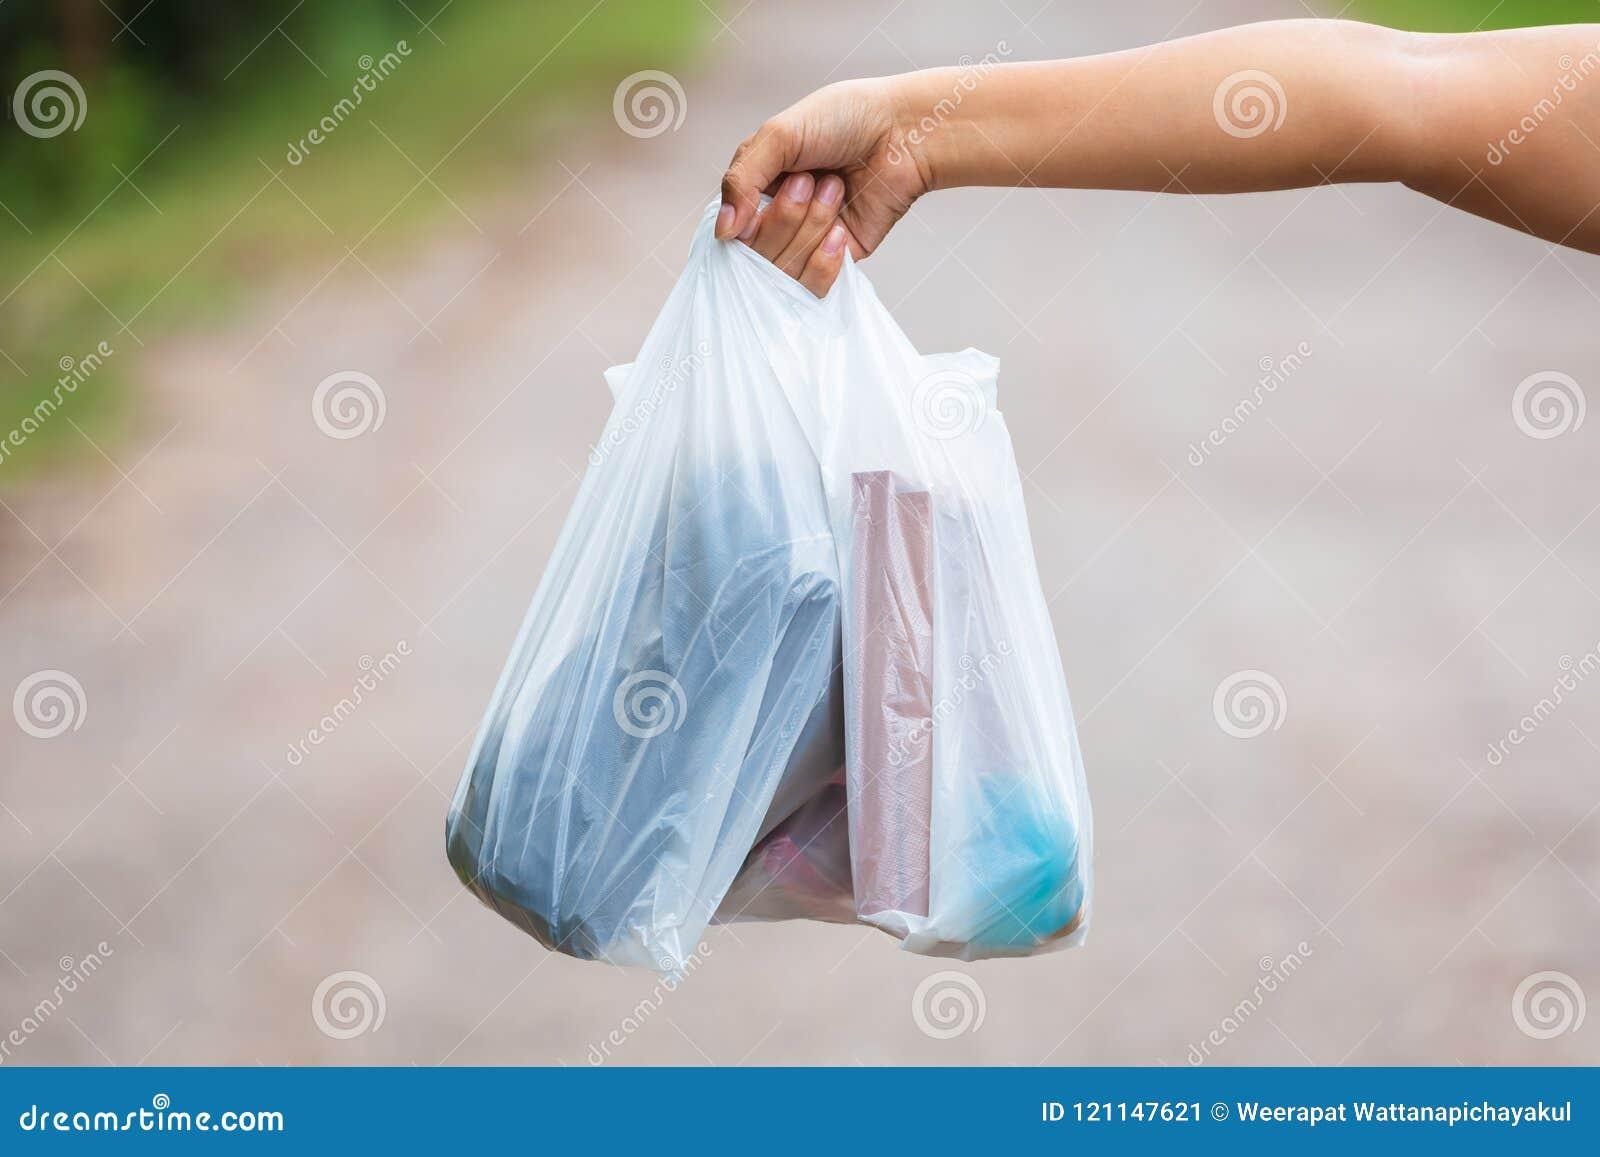 Guardando sacos de plástico